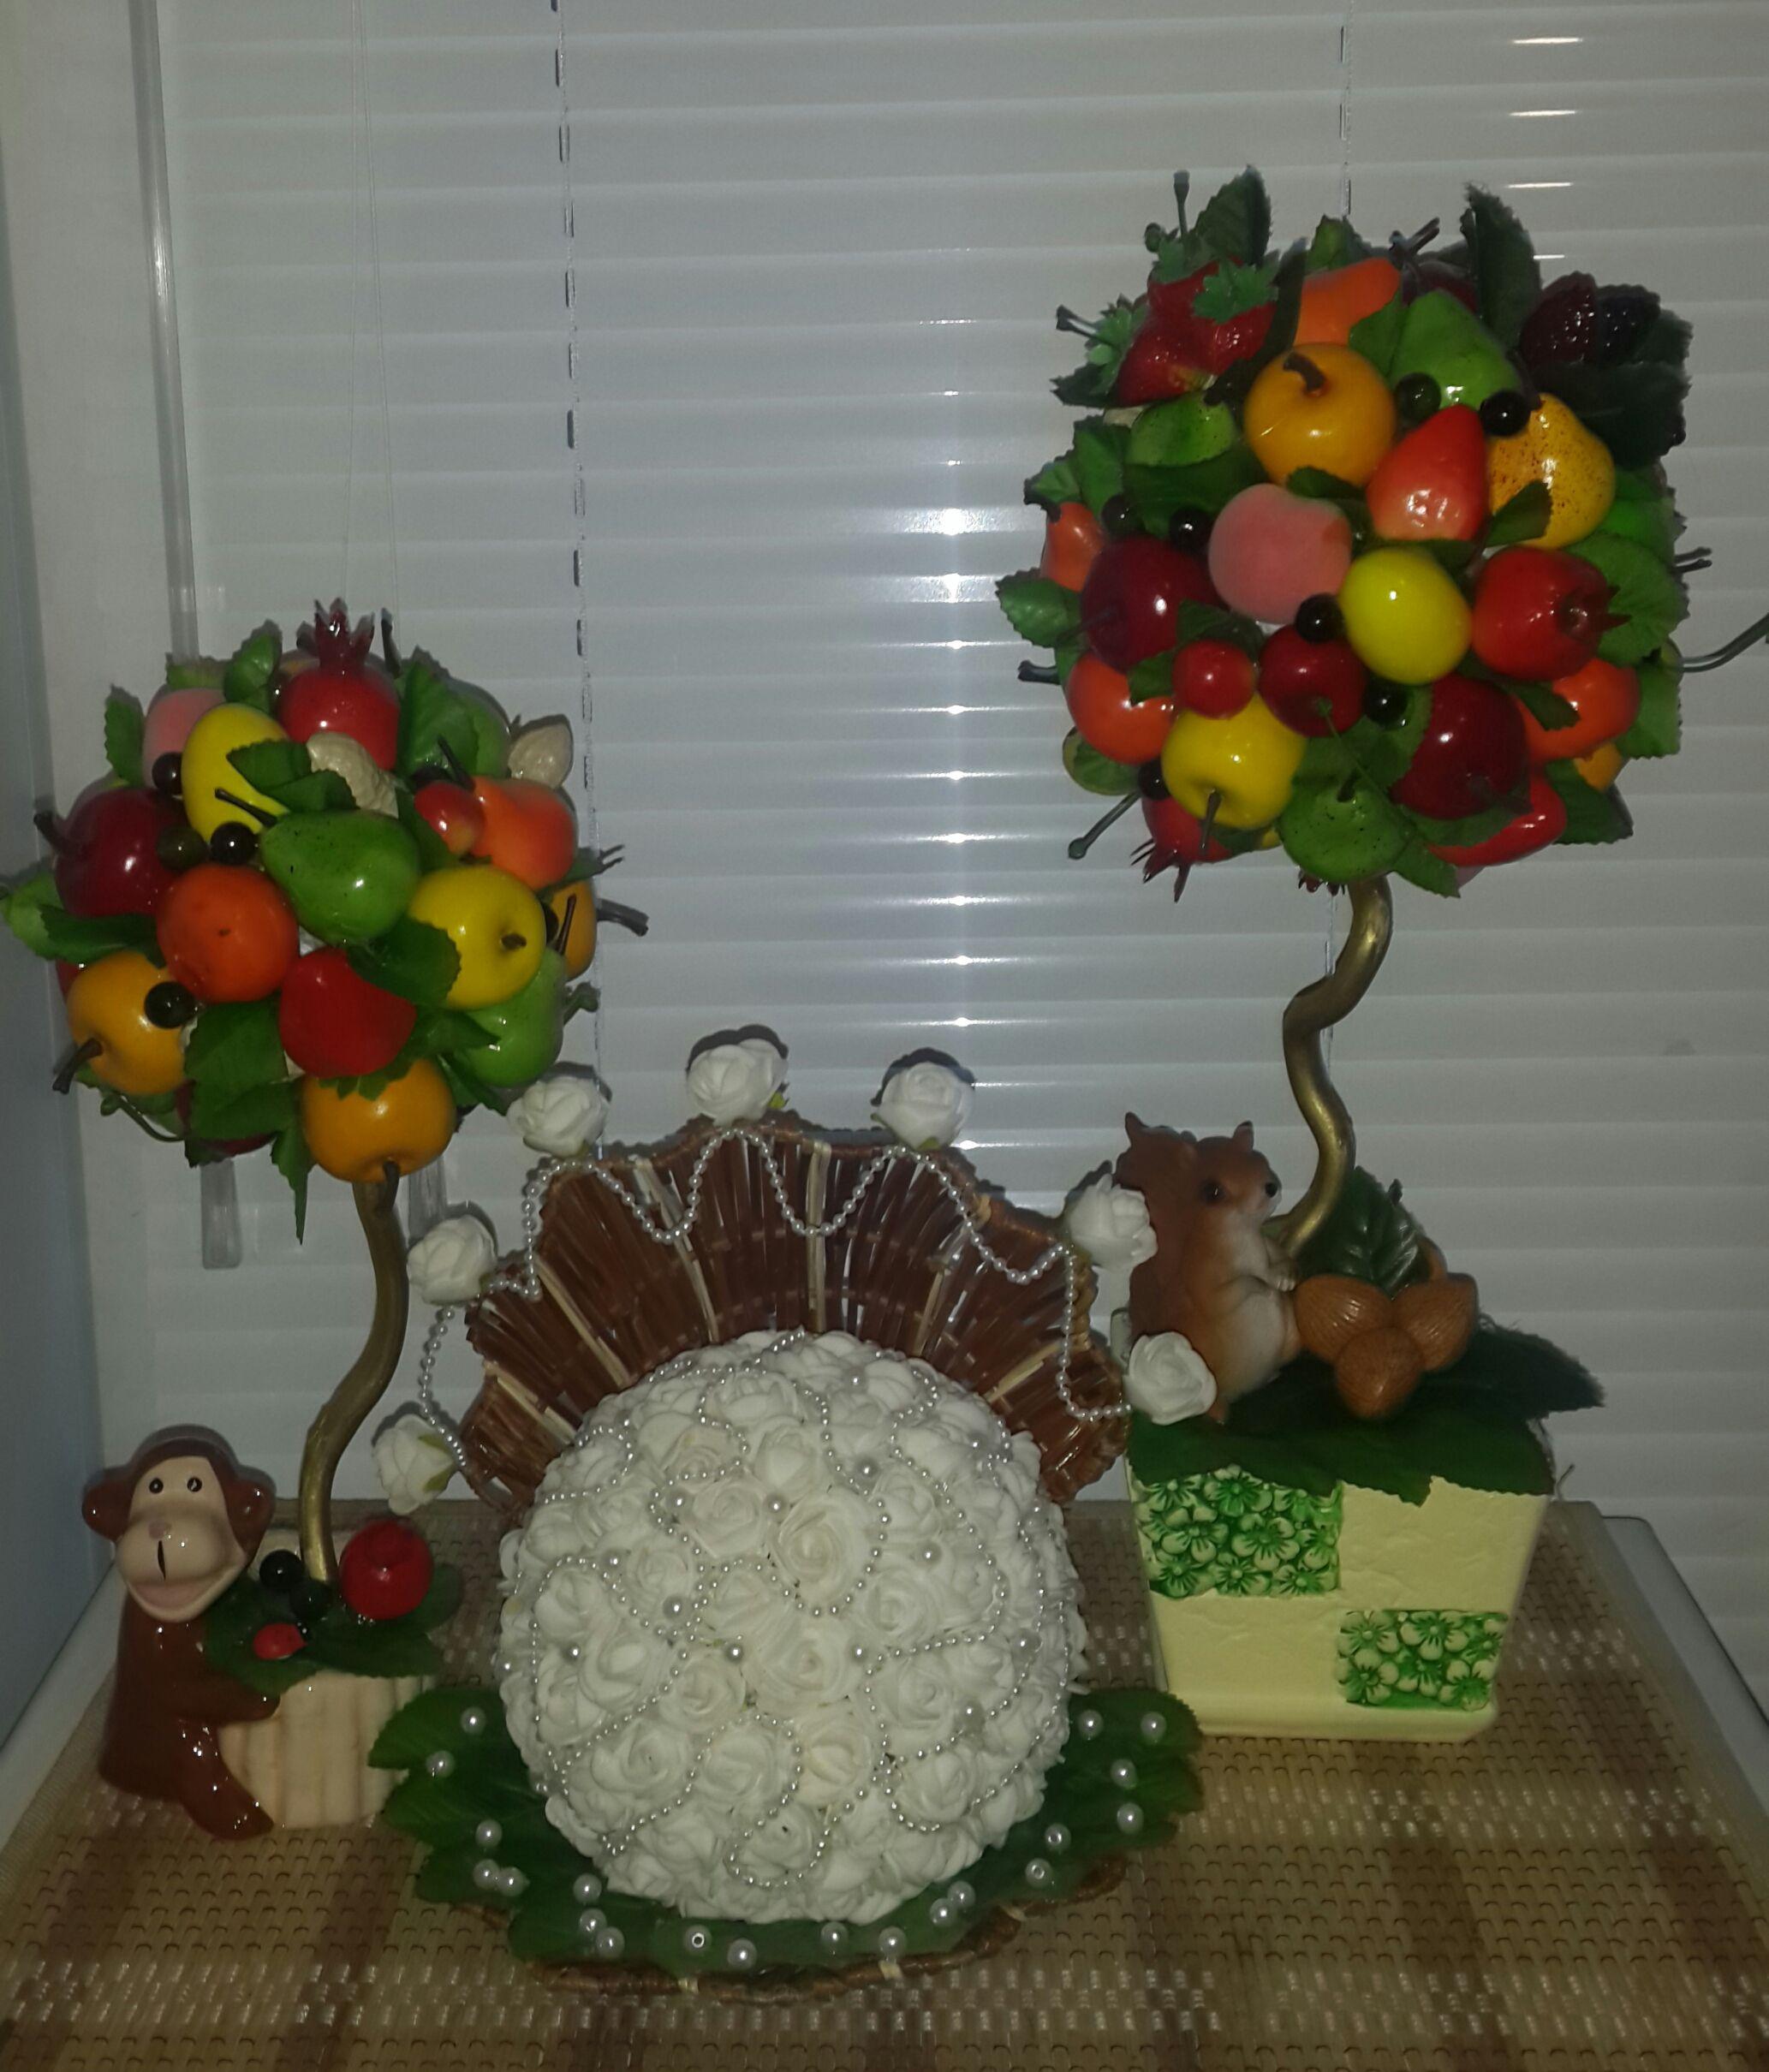 топиарий подарок работа ручная праздник ротанг повозка велосипед фрукты оригинальный